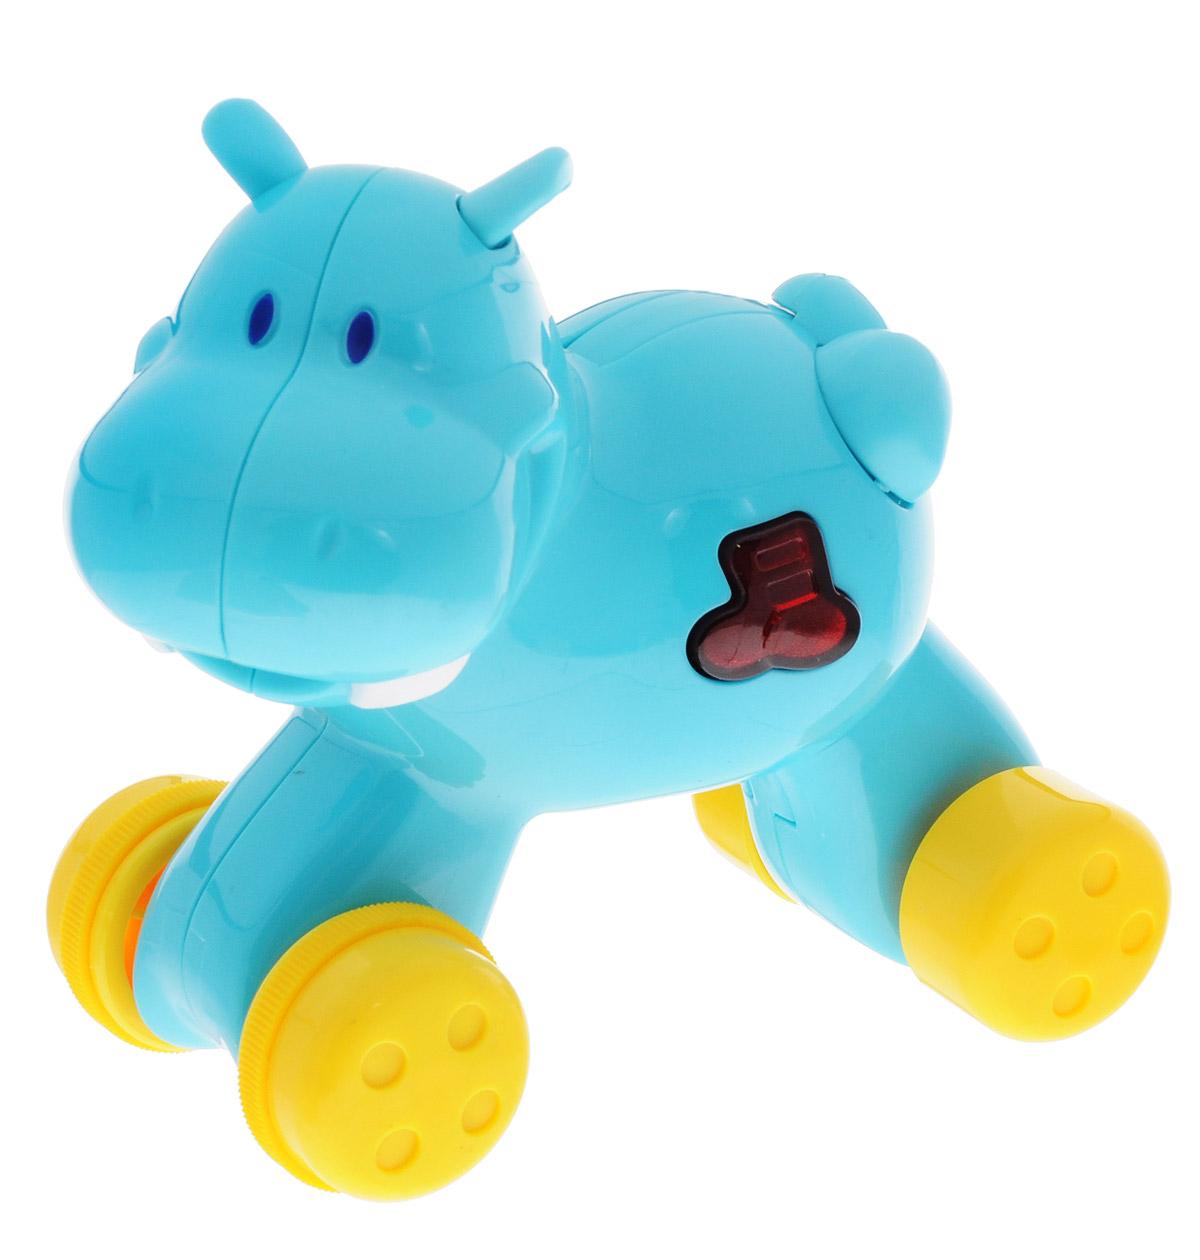 Navystar Музыкальная игрушка-каталка Бегемот музыкальная игрушка удивительный гриб babybaby в смоленске